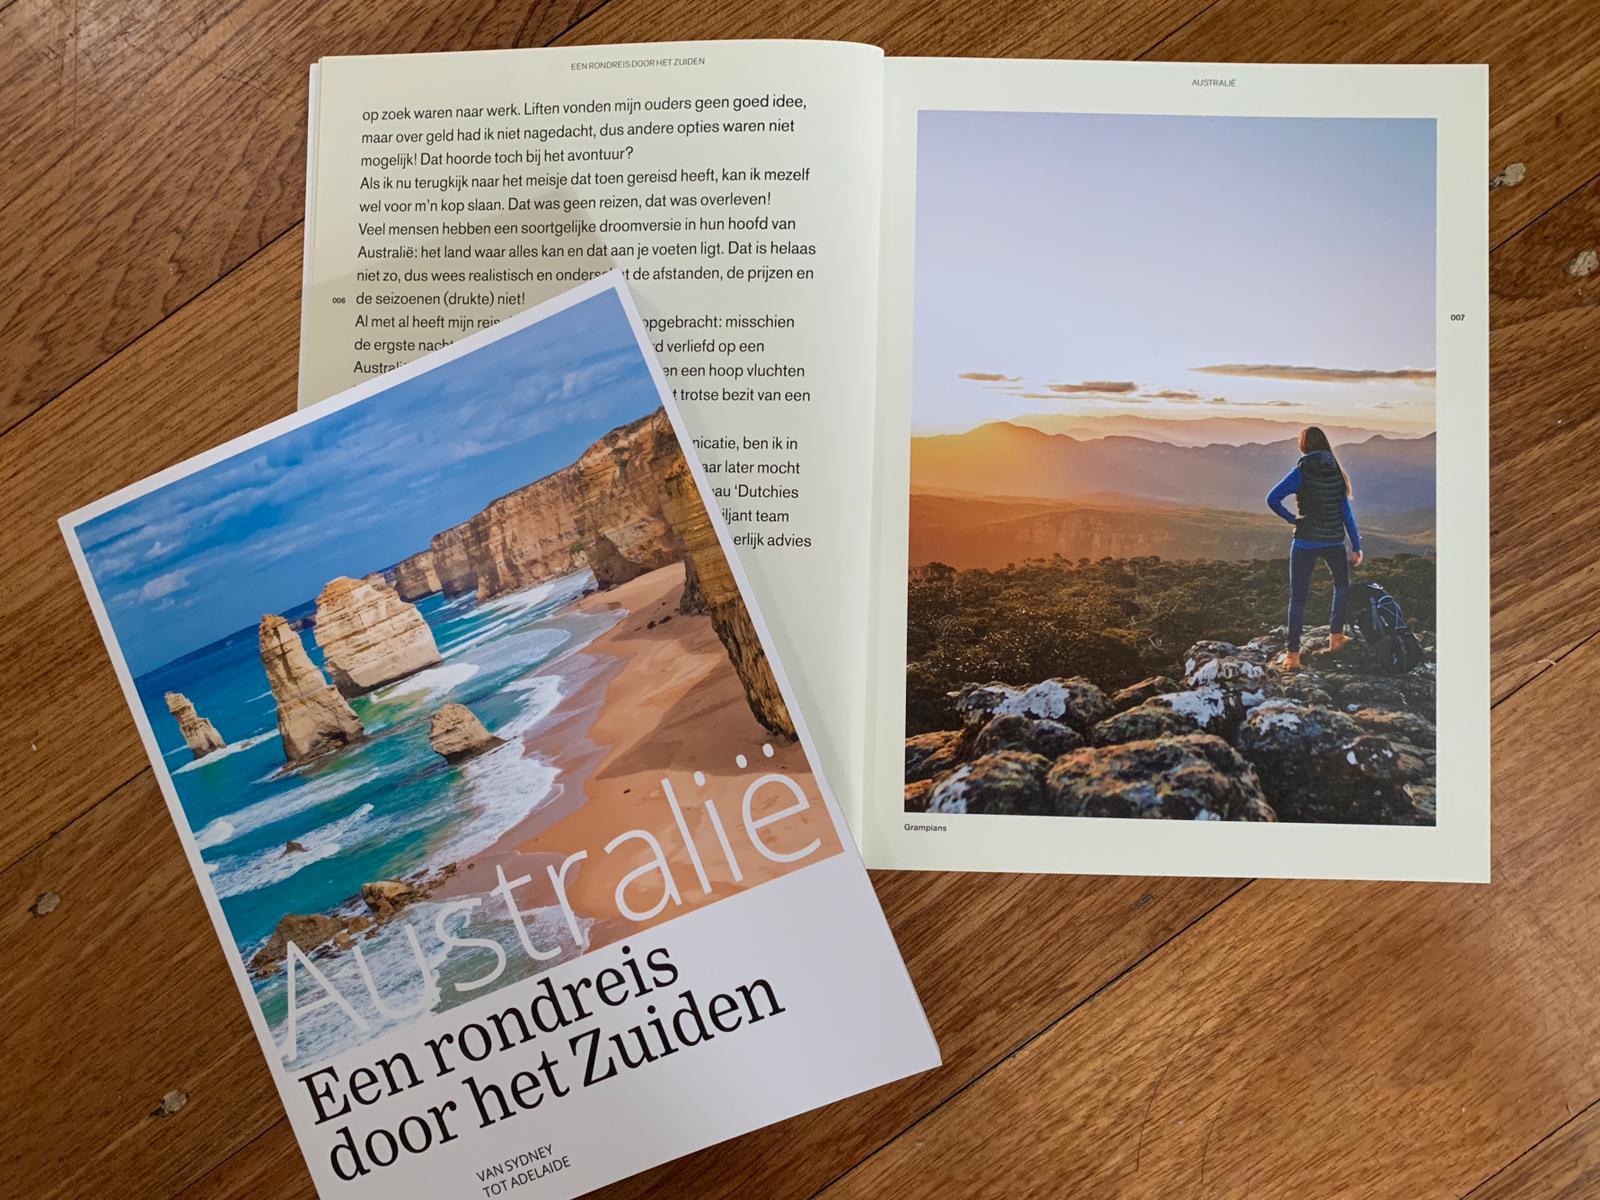 Het boek van Lisanna Weston 'Australie: een rondreis door het zuiden'. Voorkant en binnenkant.